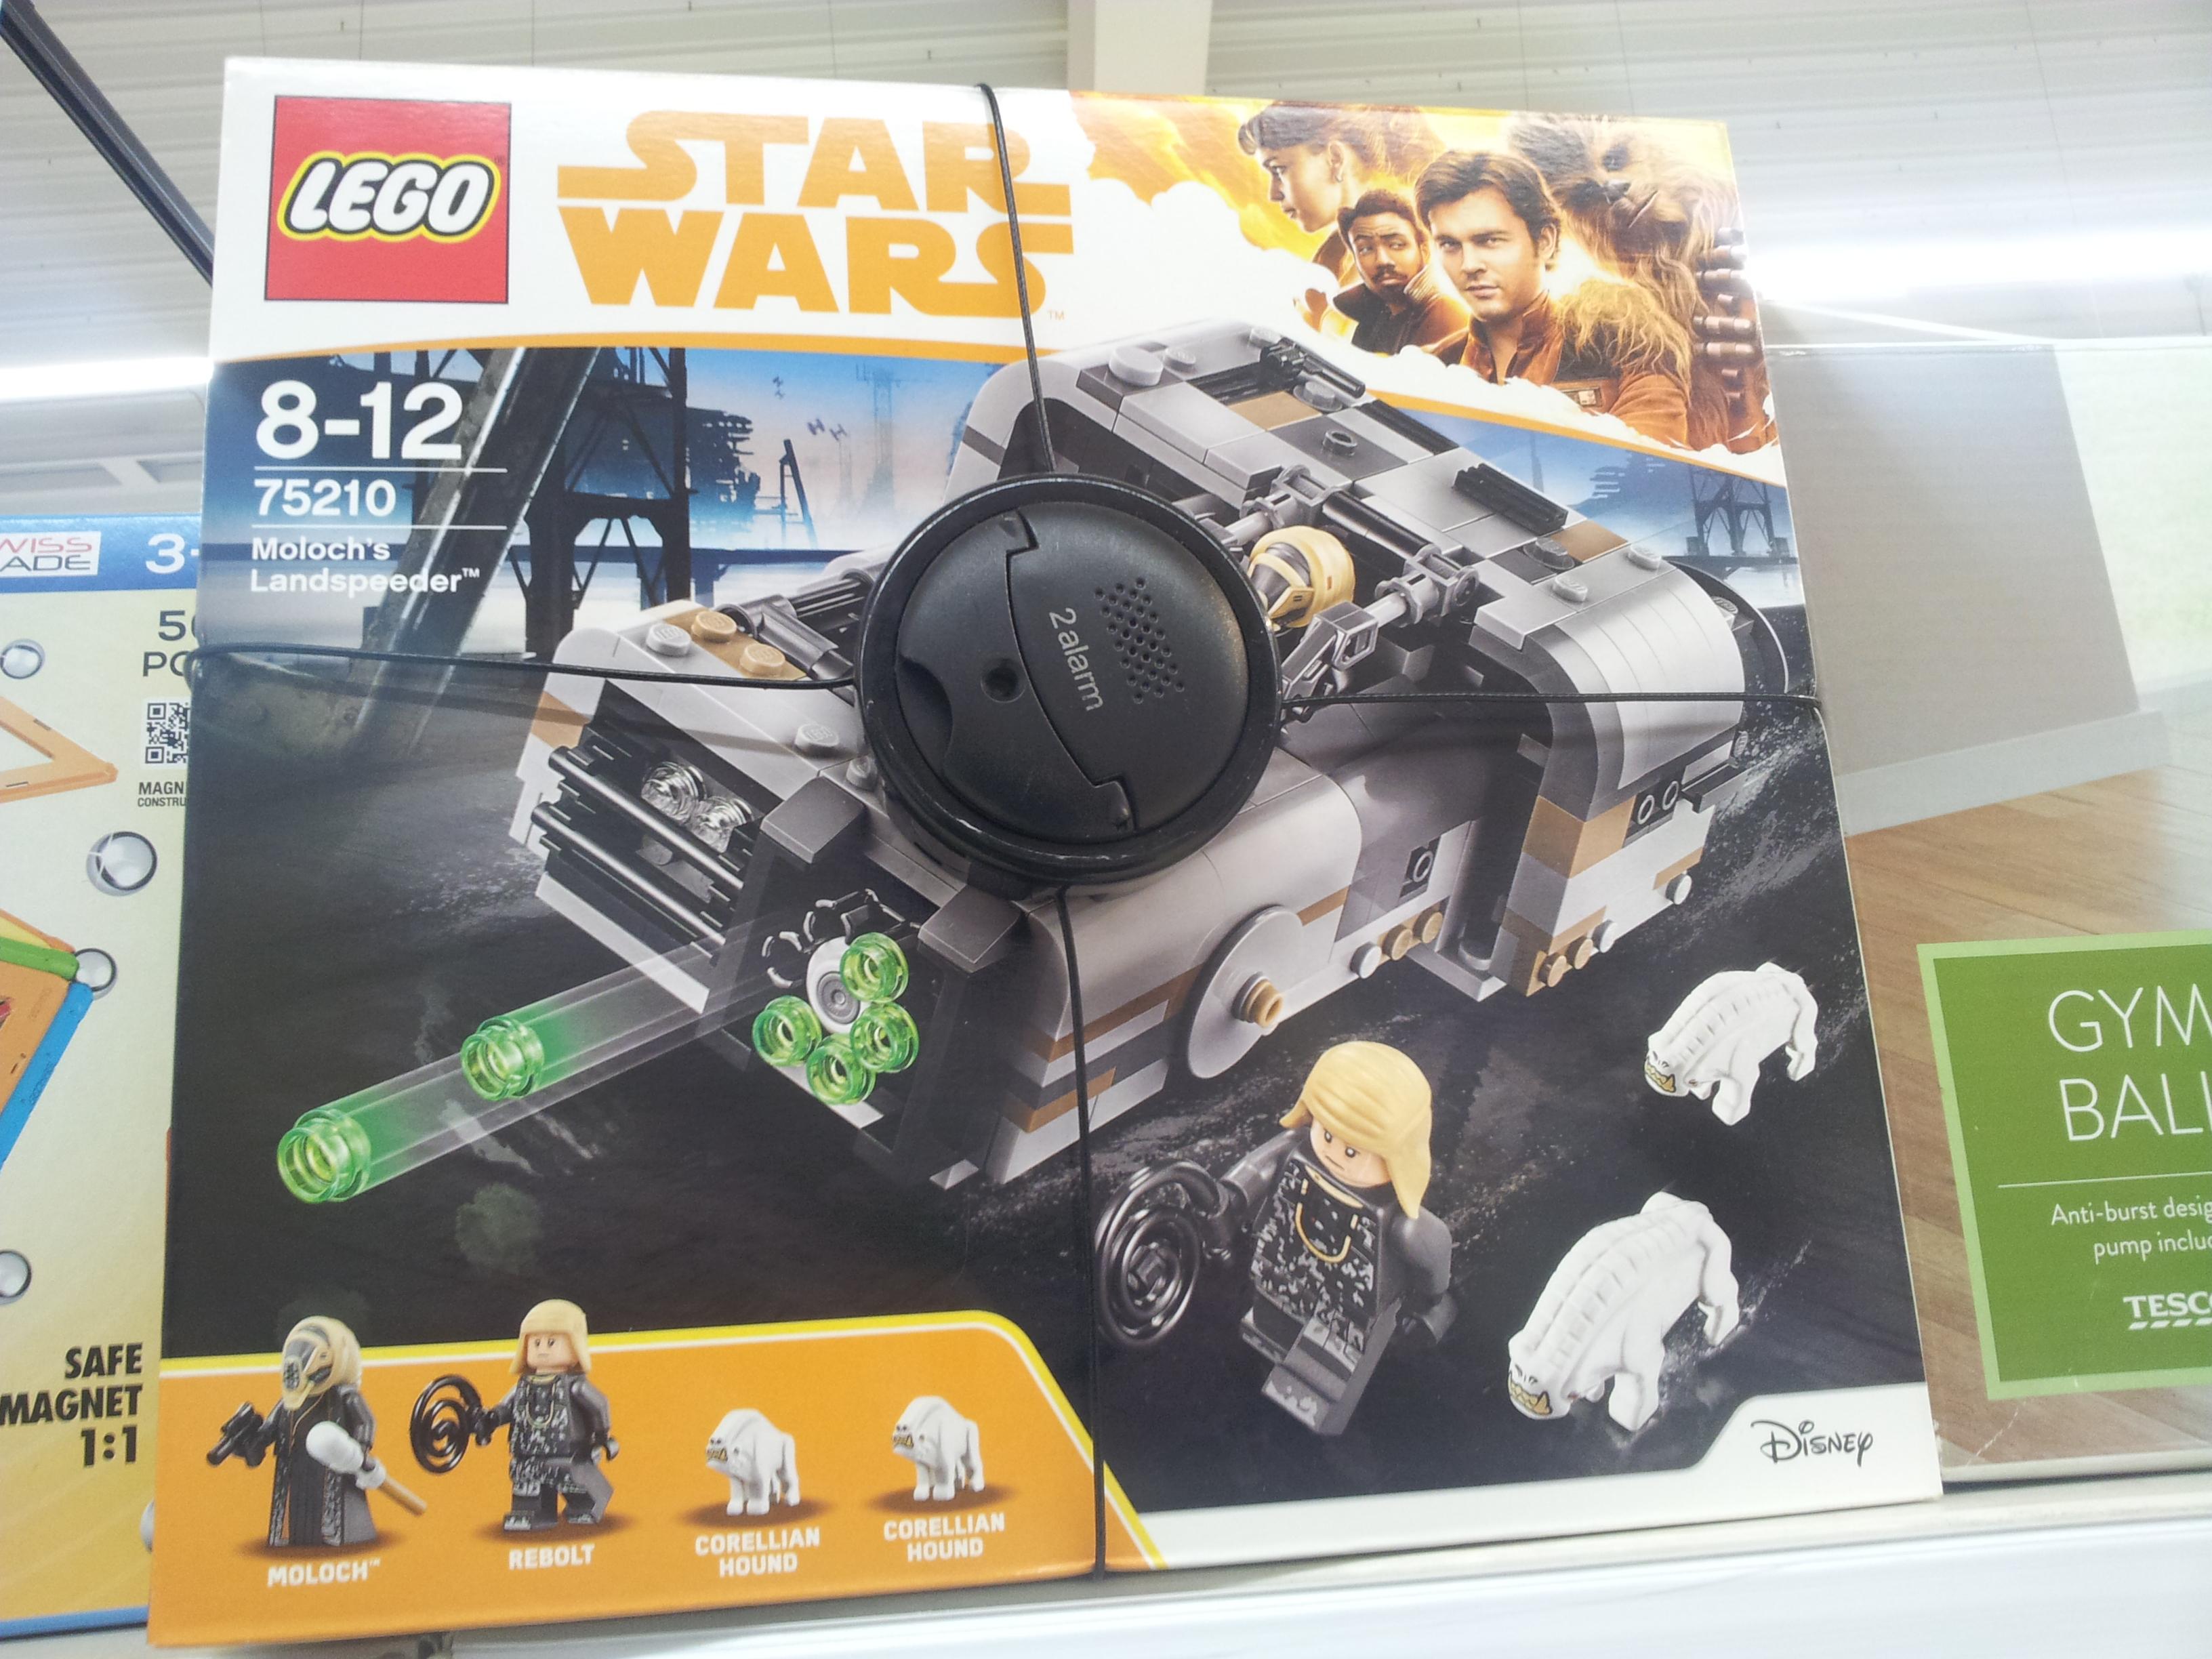 Klocki Lego Star Wars 75210 Tesco Kraków - 50%